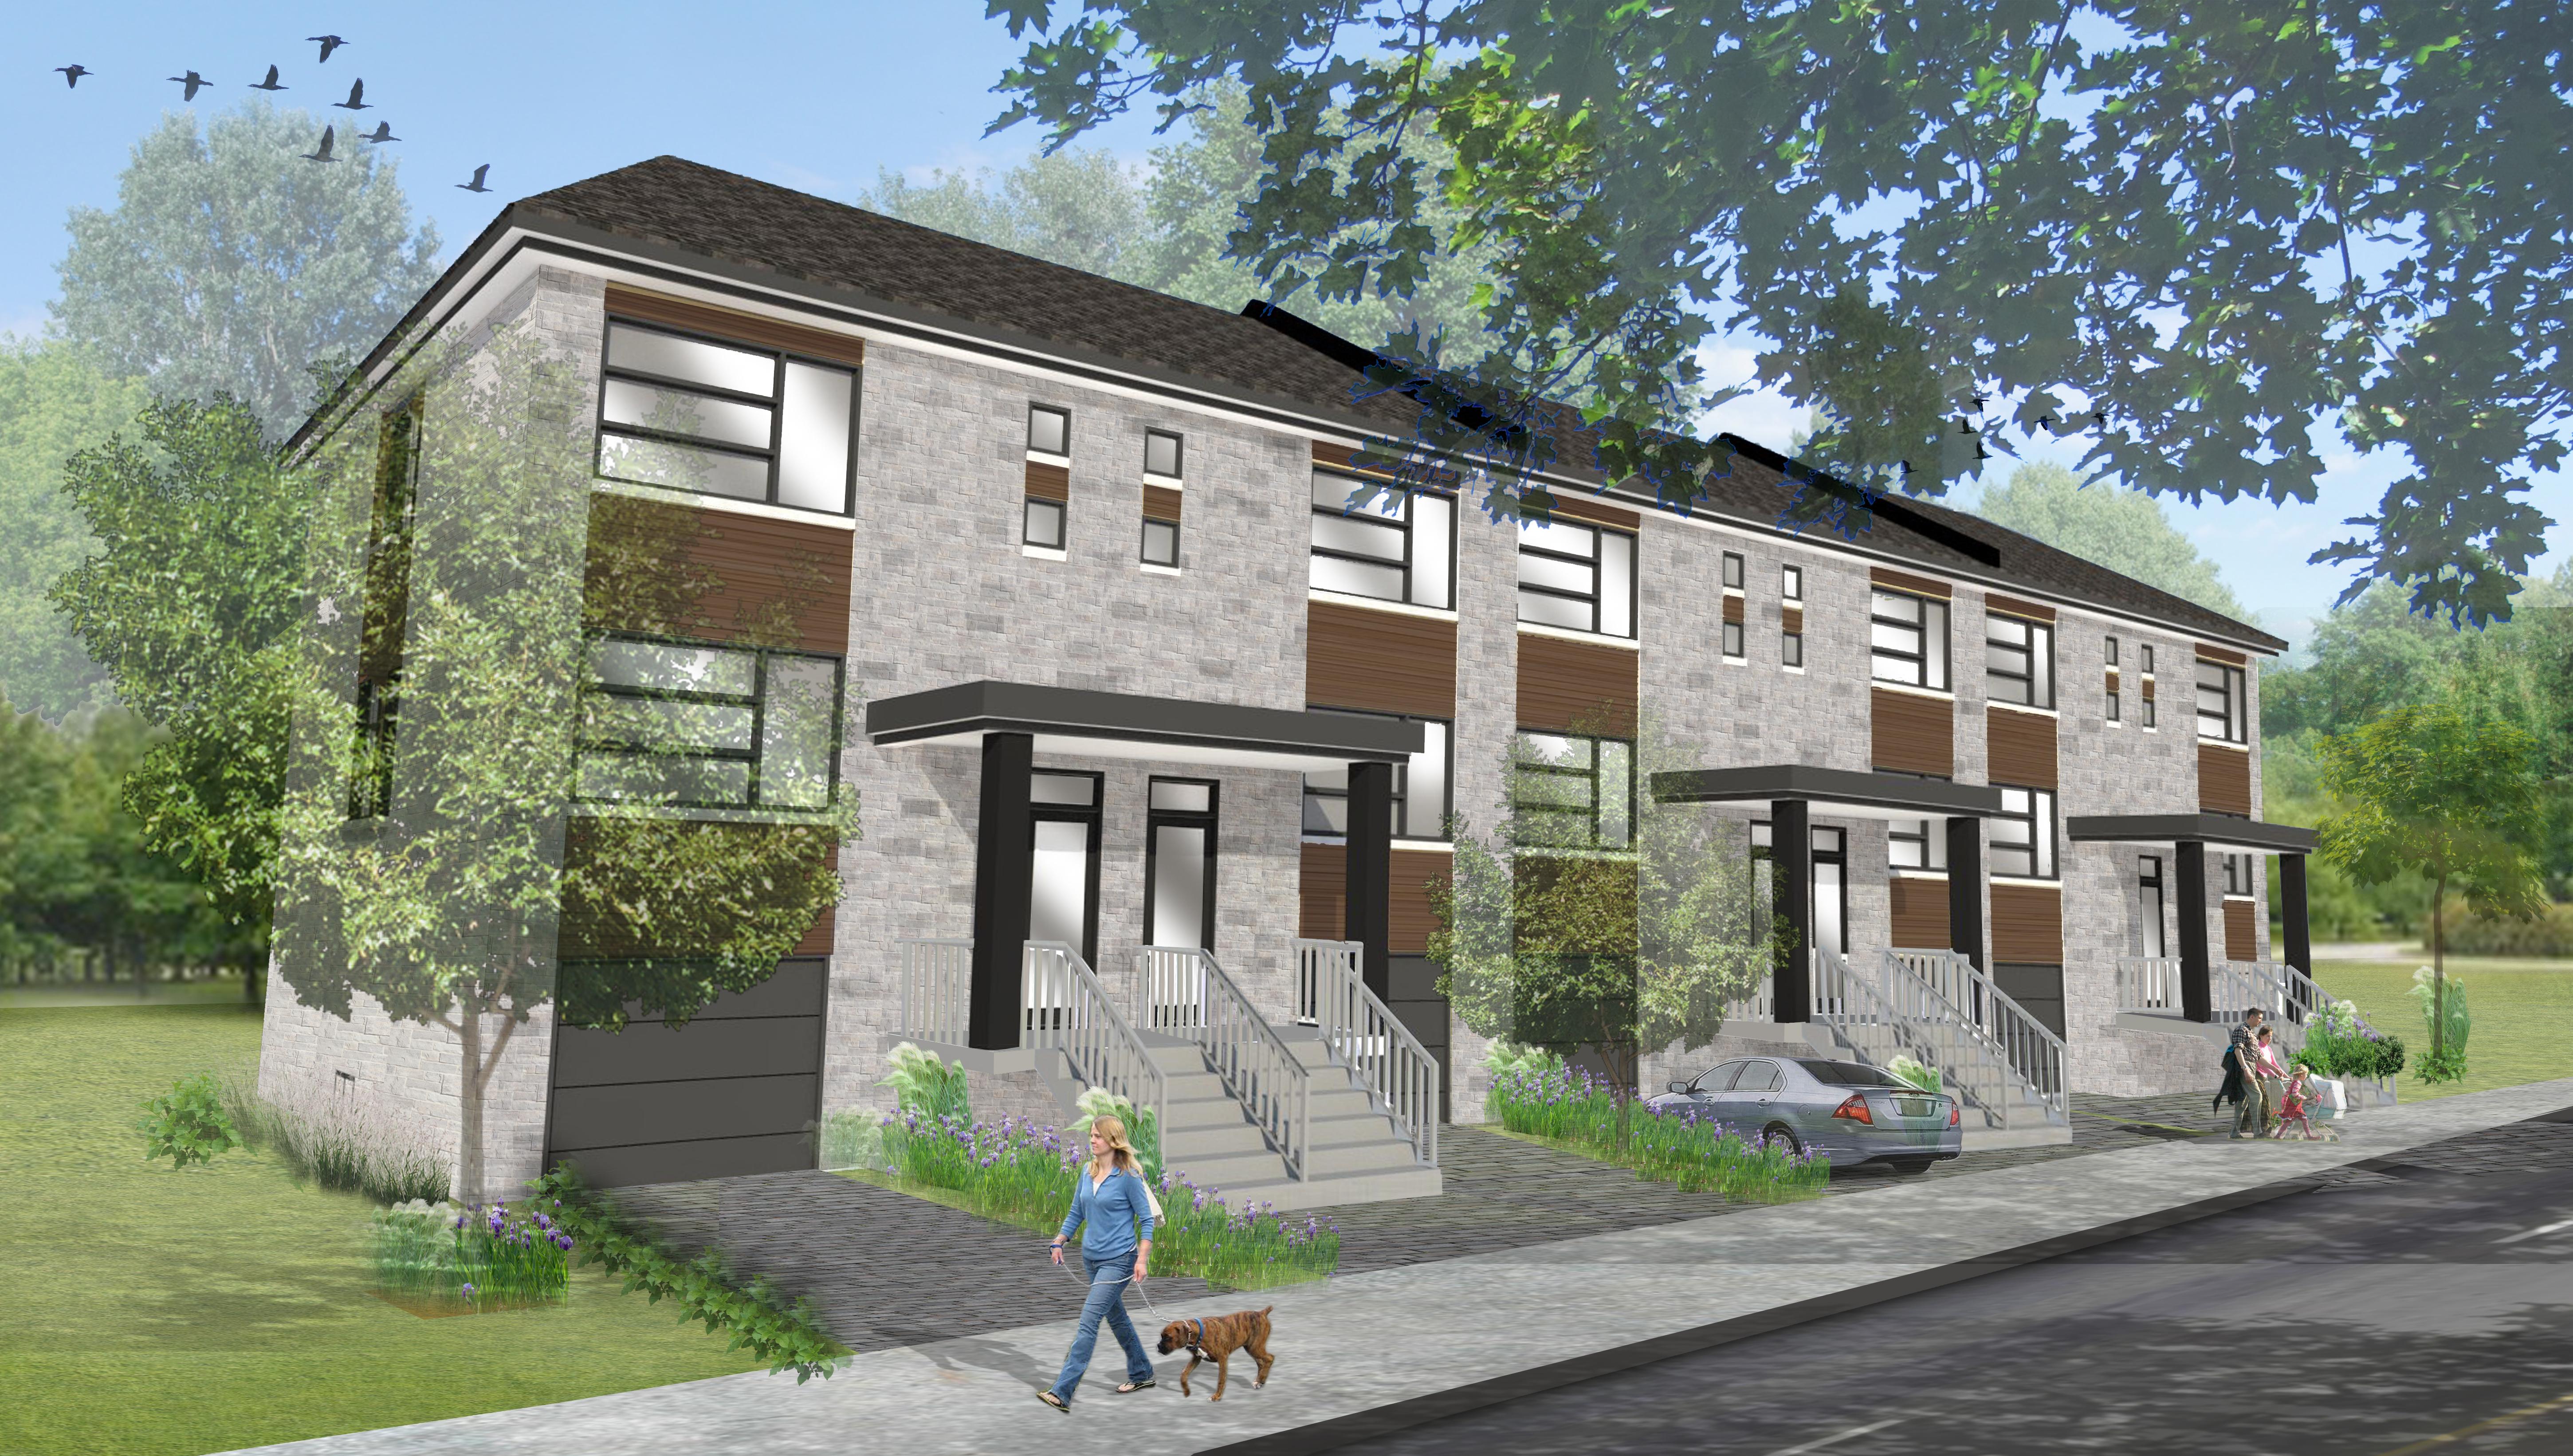 LES HABITATIONS DUVERNAY EST projet immobilier construction neuve à vendre